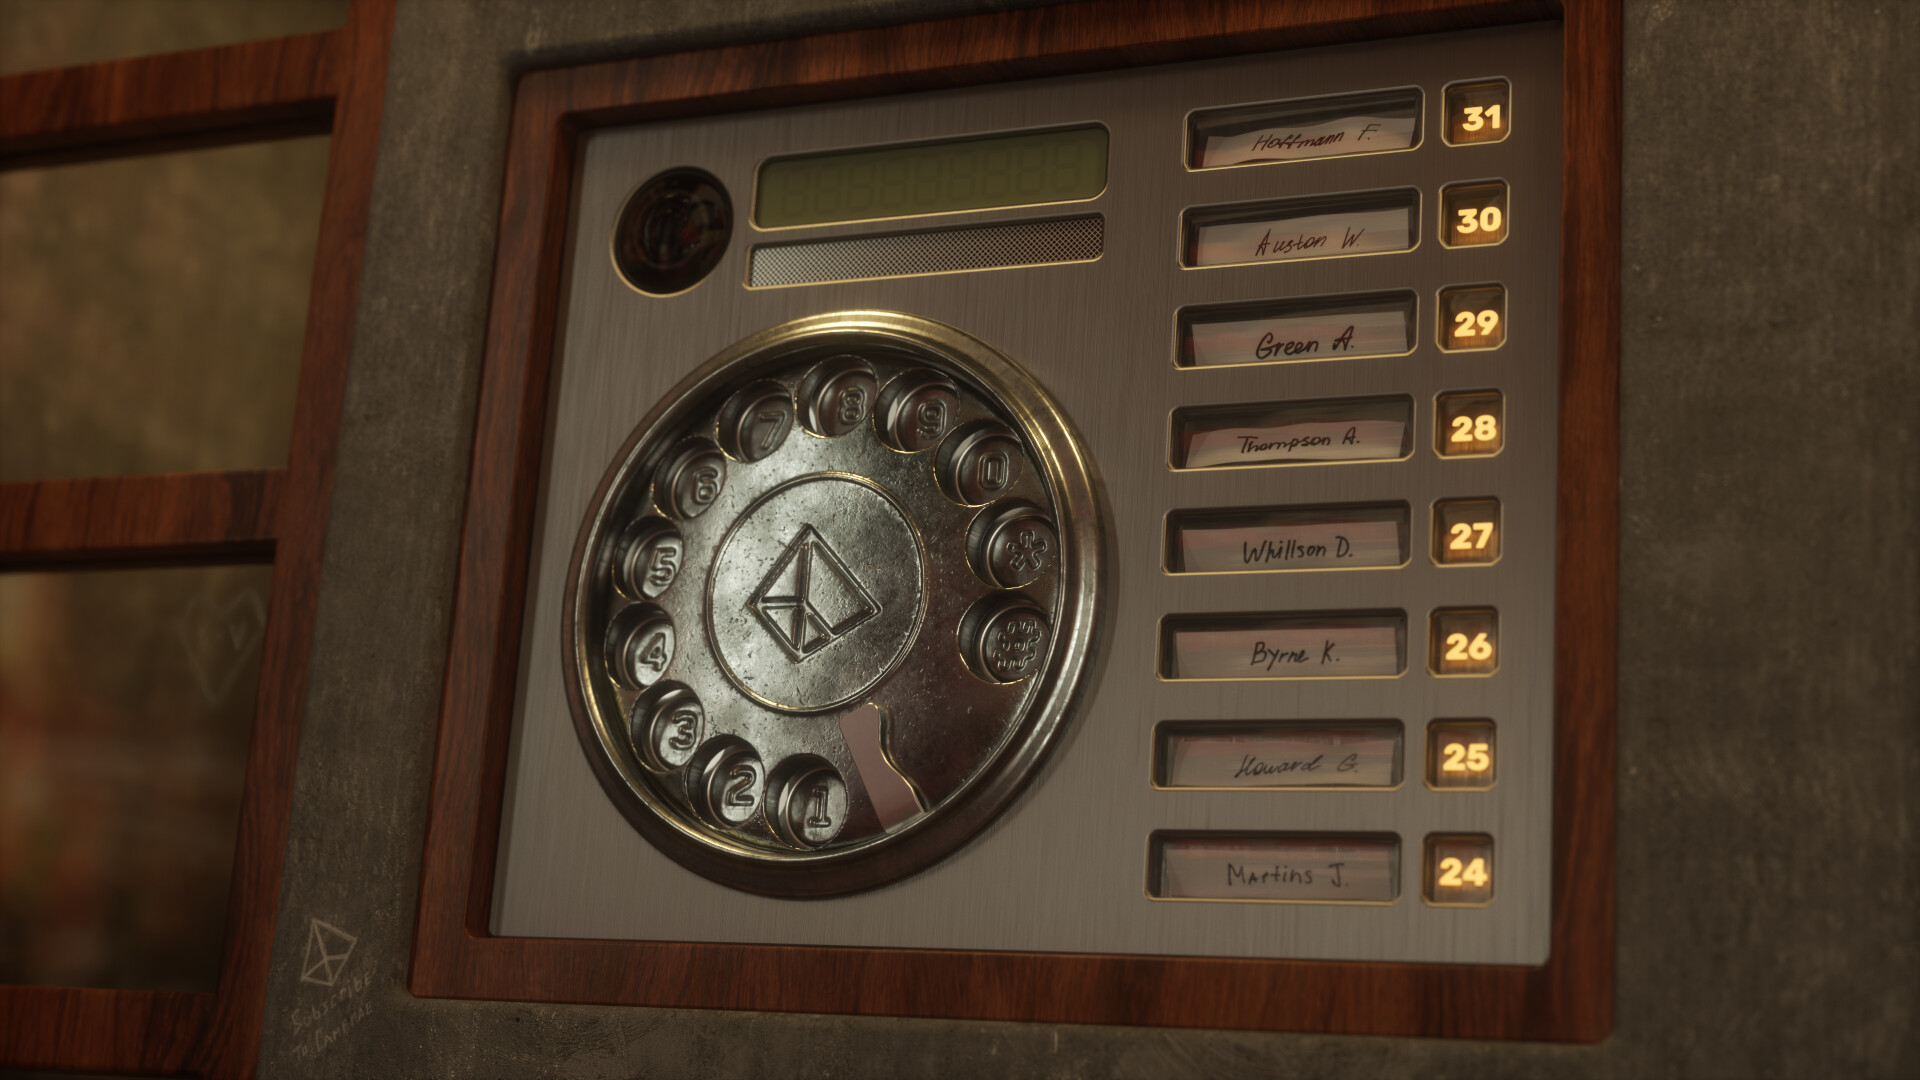 Valery Camfrae 'Rotary Dial in Today's World' ile ilgili görsel sonucu